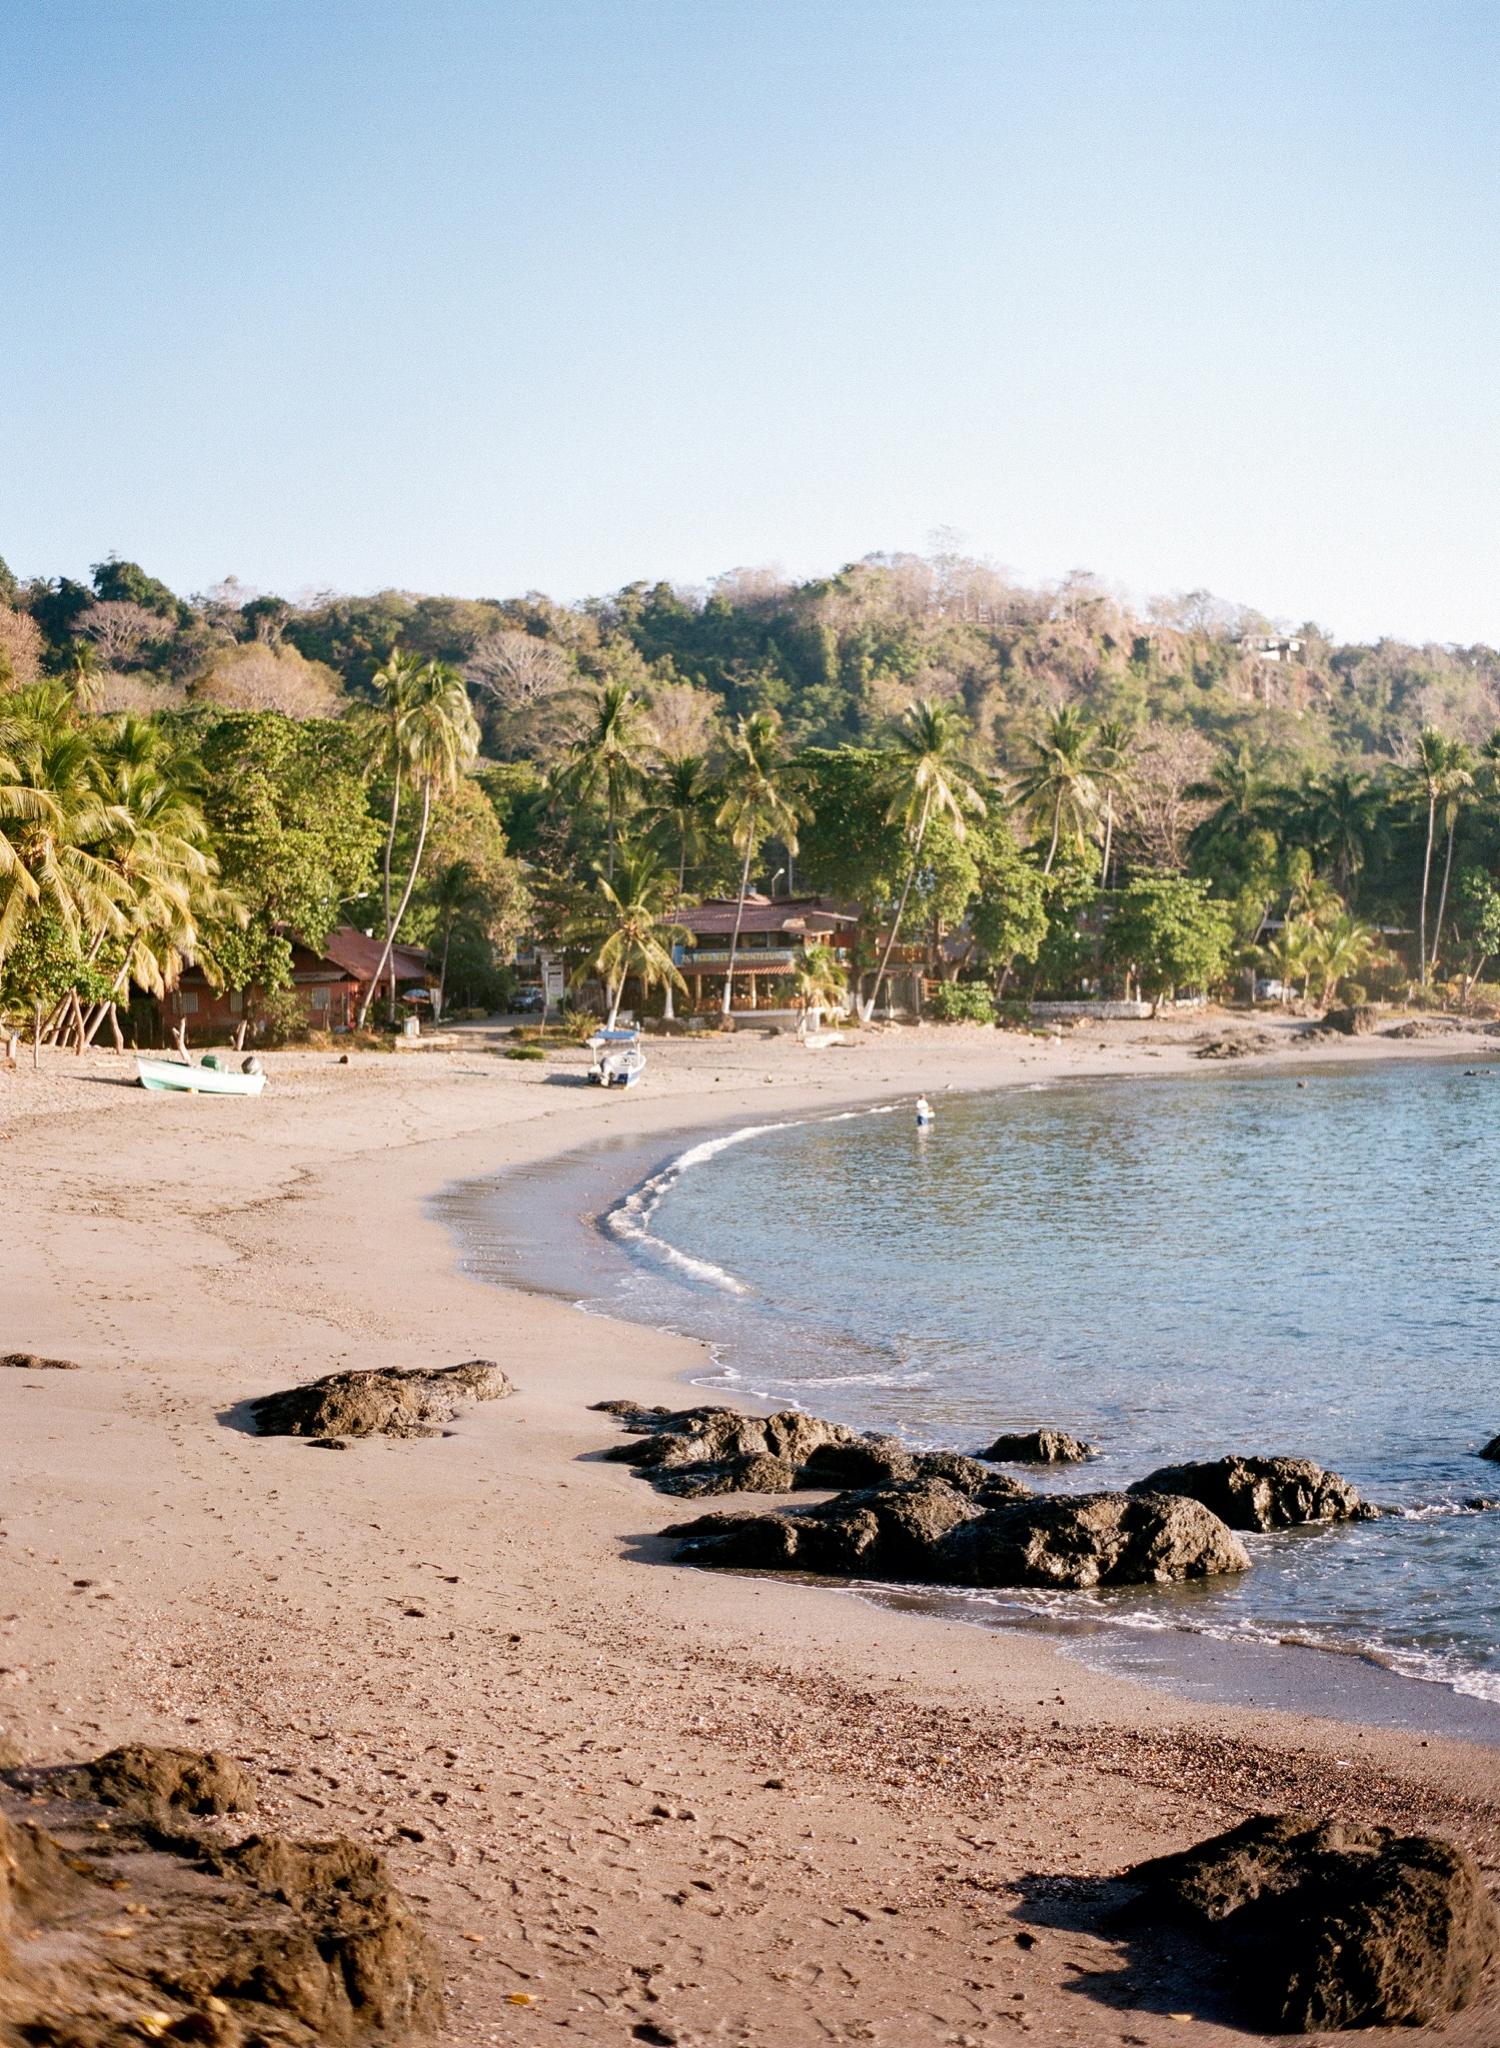 Costa Rica Adventures on Film